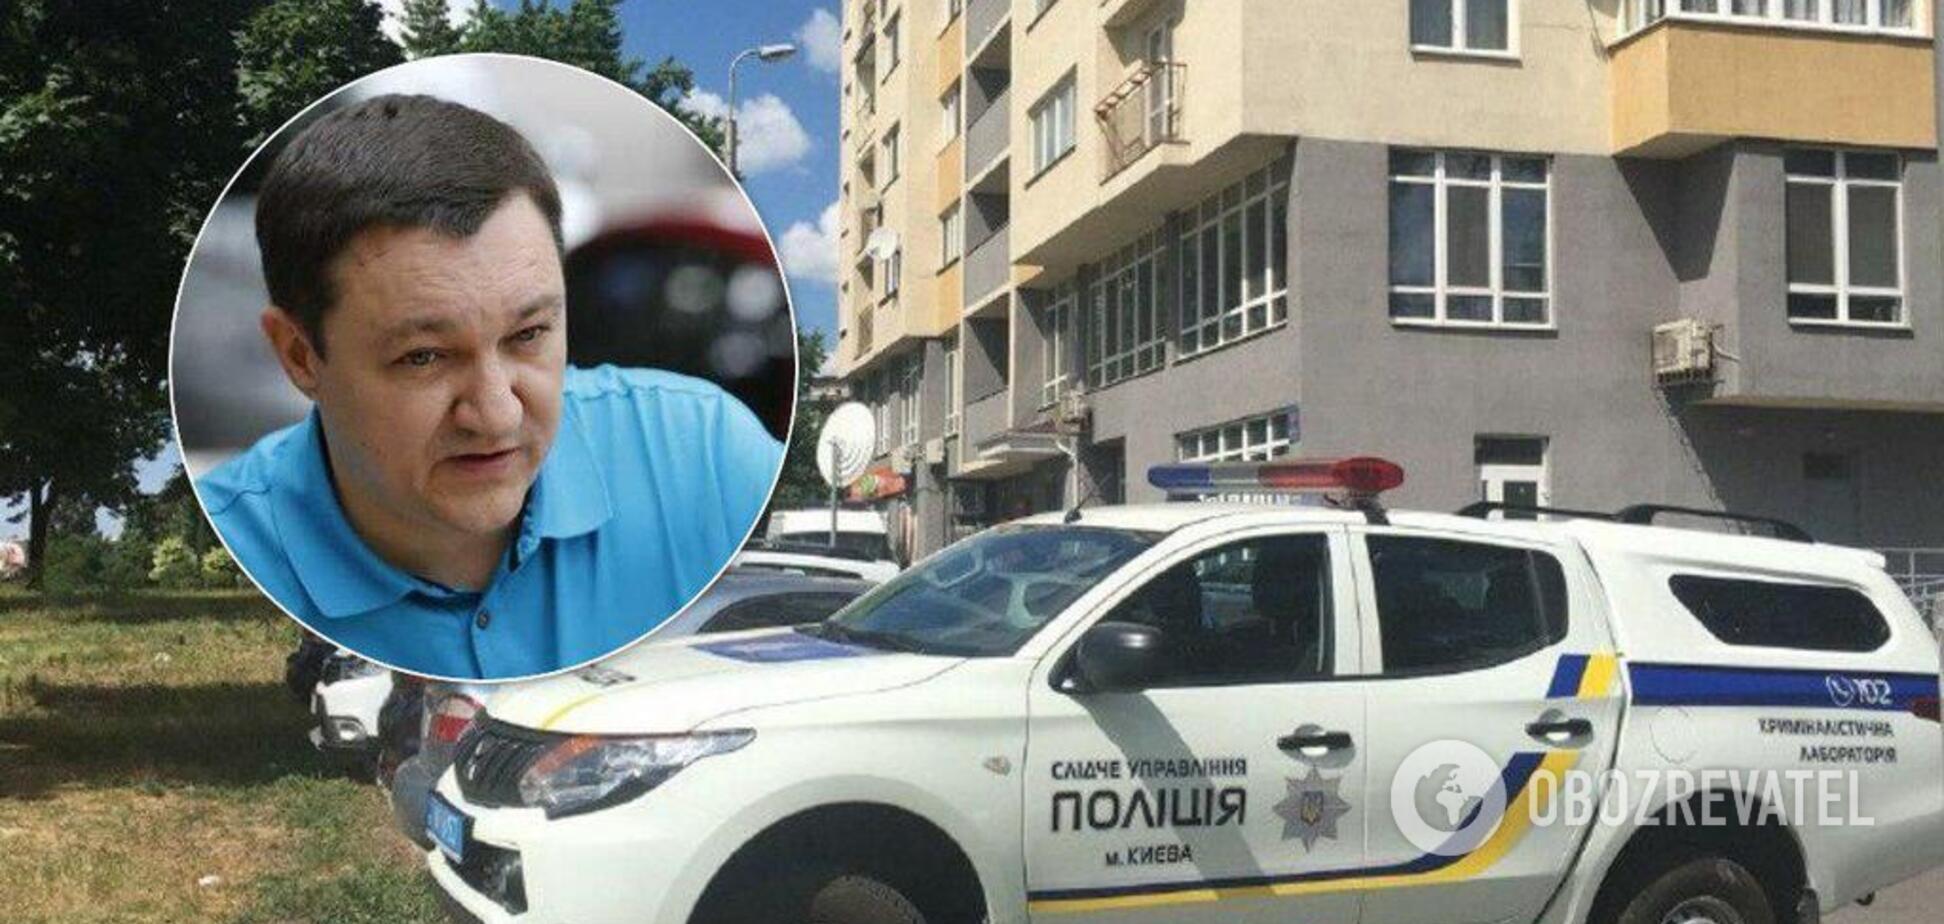 Гибель нардепа Тымчука: полиция назвала основные версии